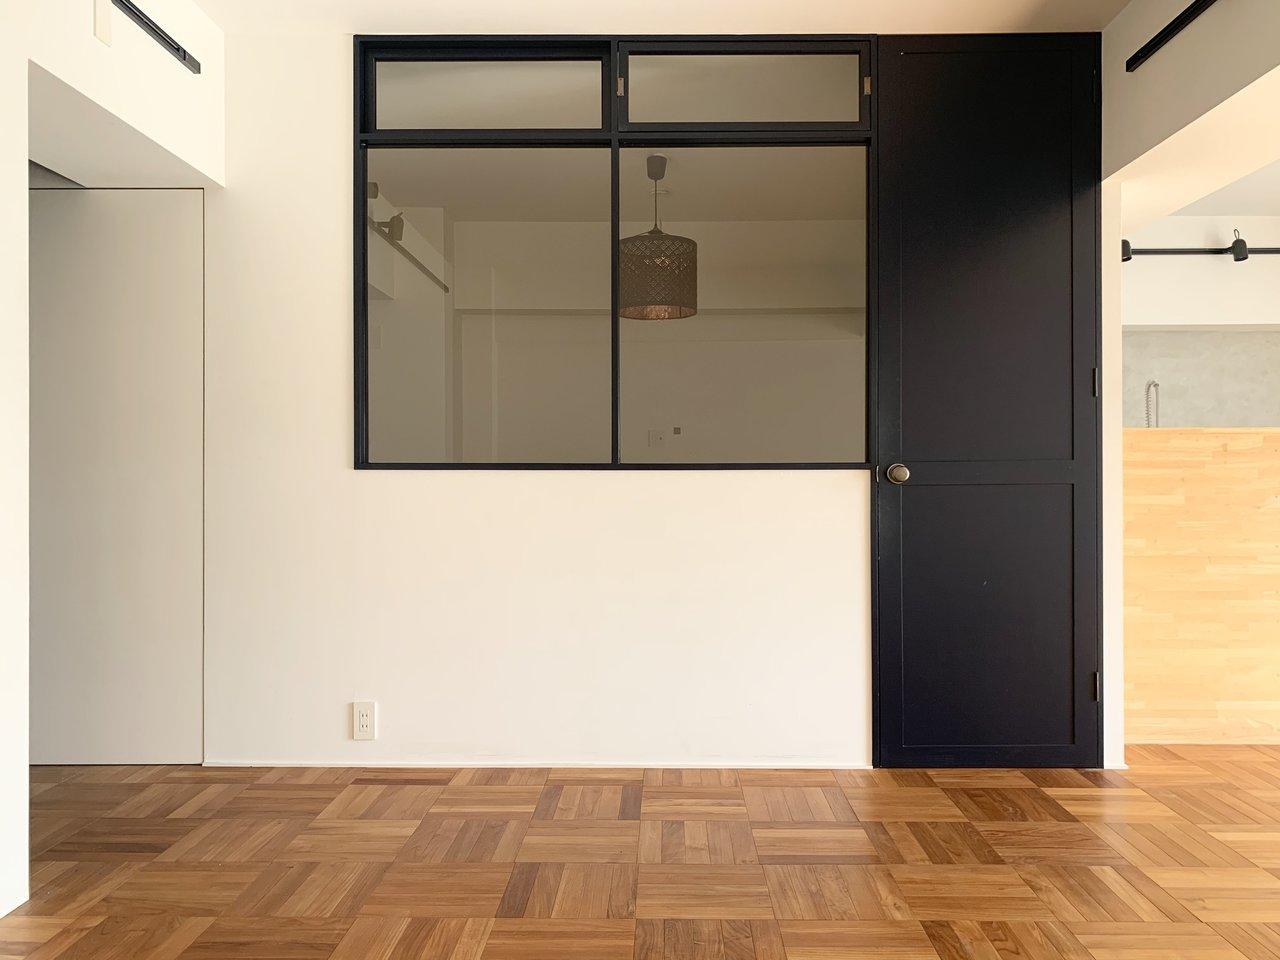 室内向きに窓がある2部屋がついています。この窓もドアもおしゃれ。